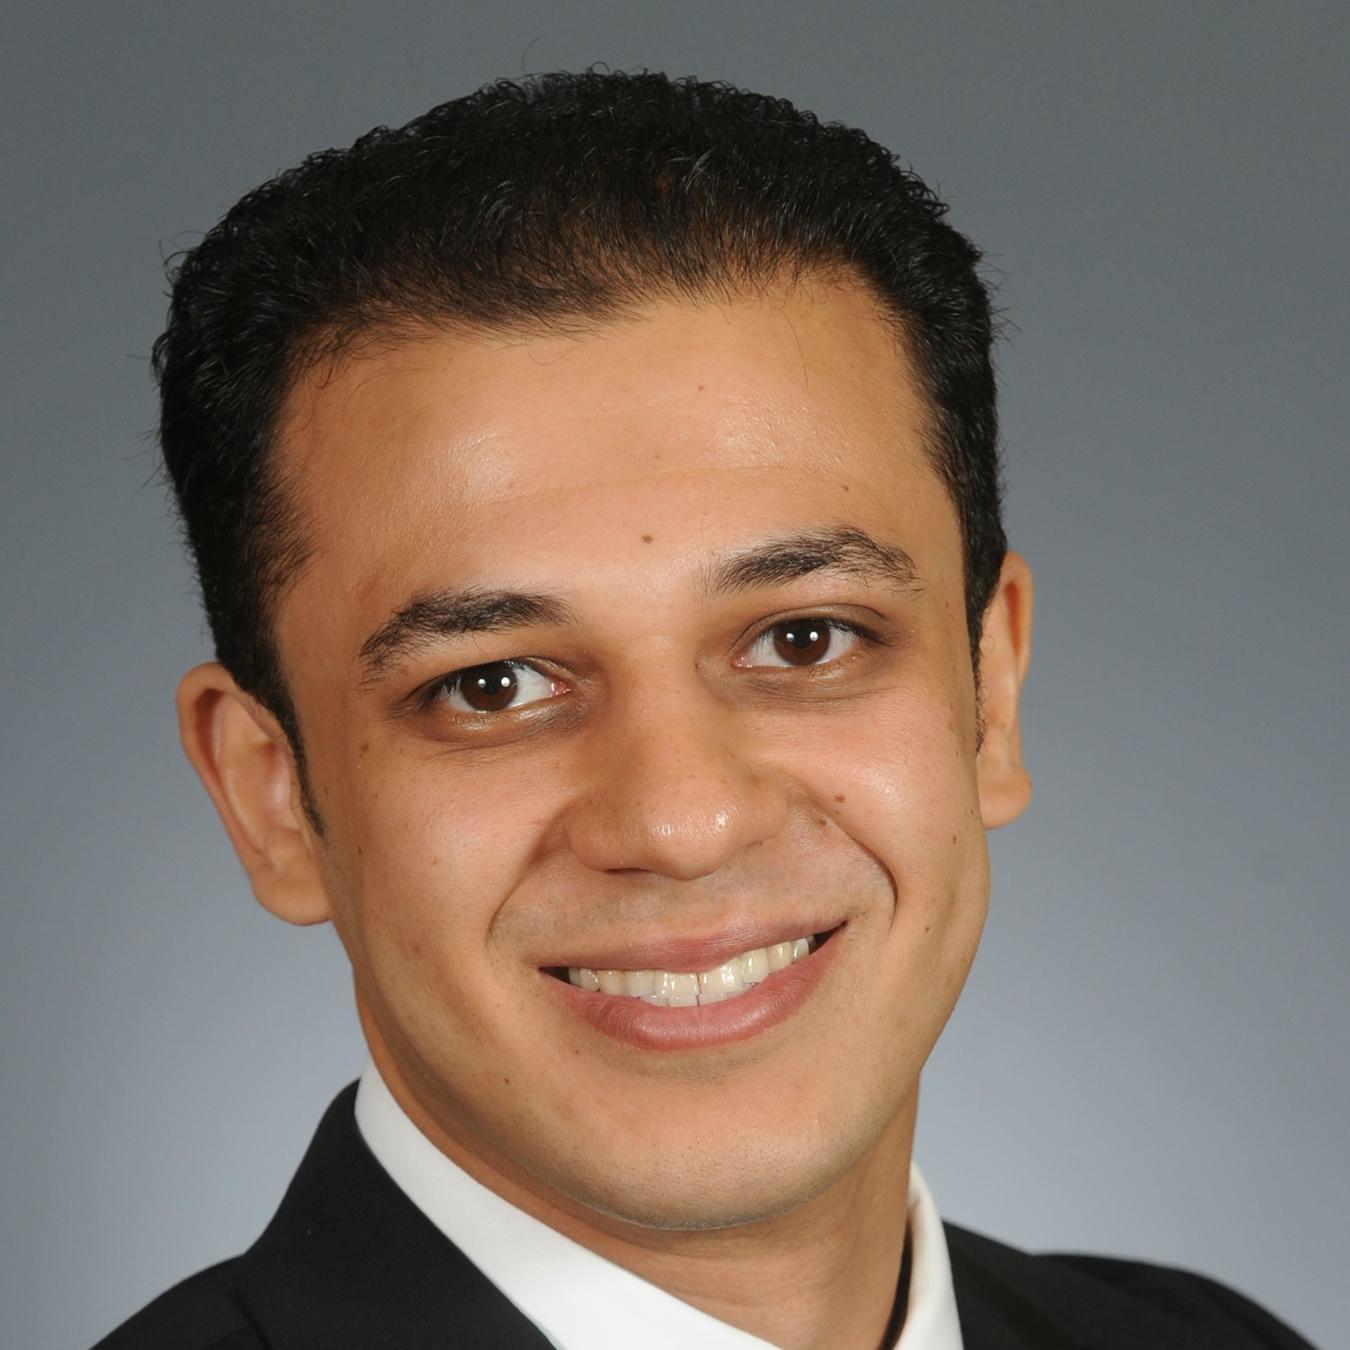 Ahmed Mohamed El-Sayed